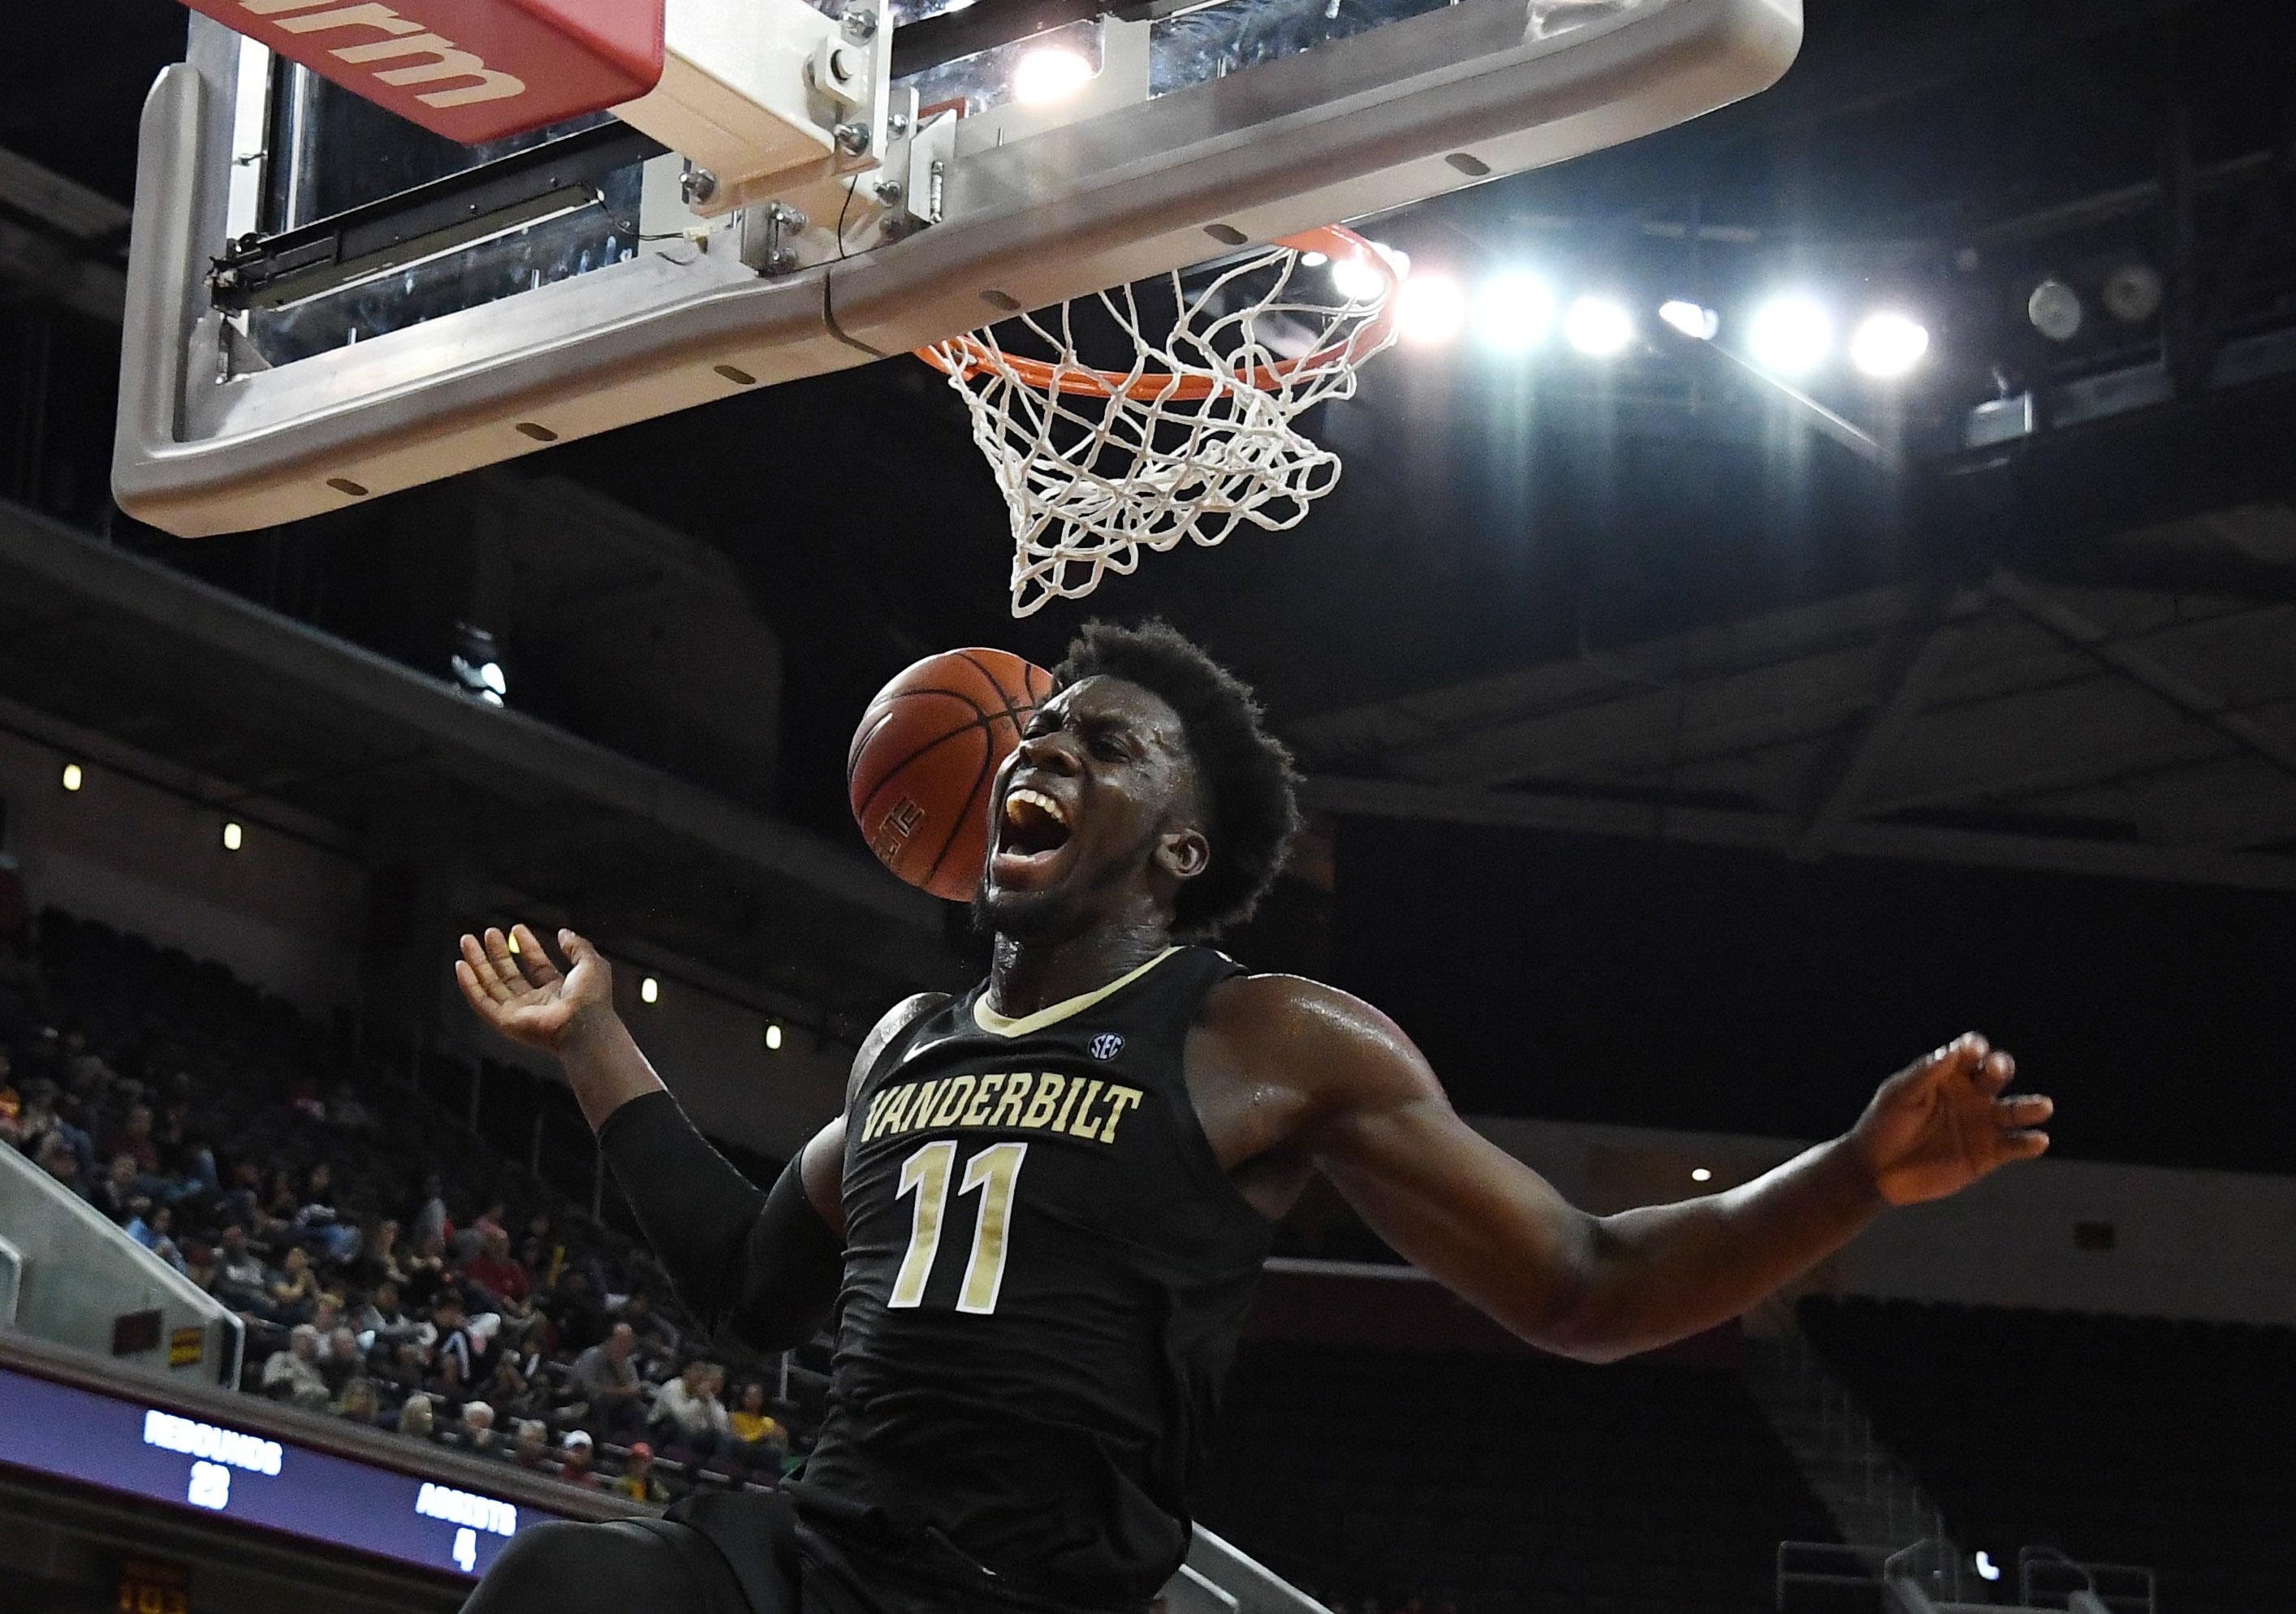 NCAA Basketball: Vanderbilt at Southern California